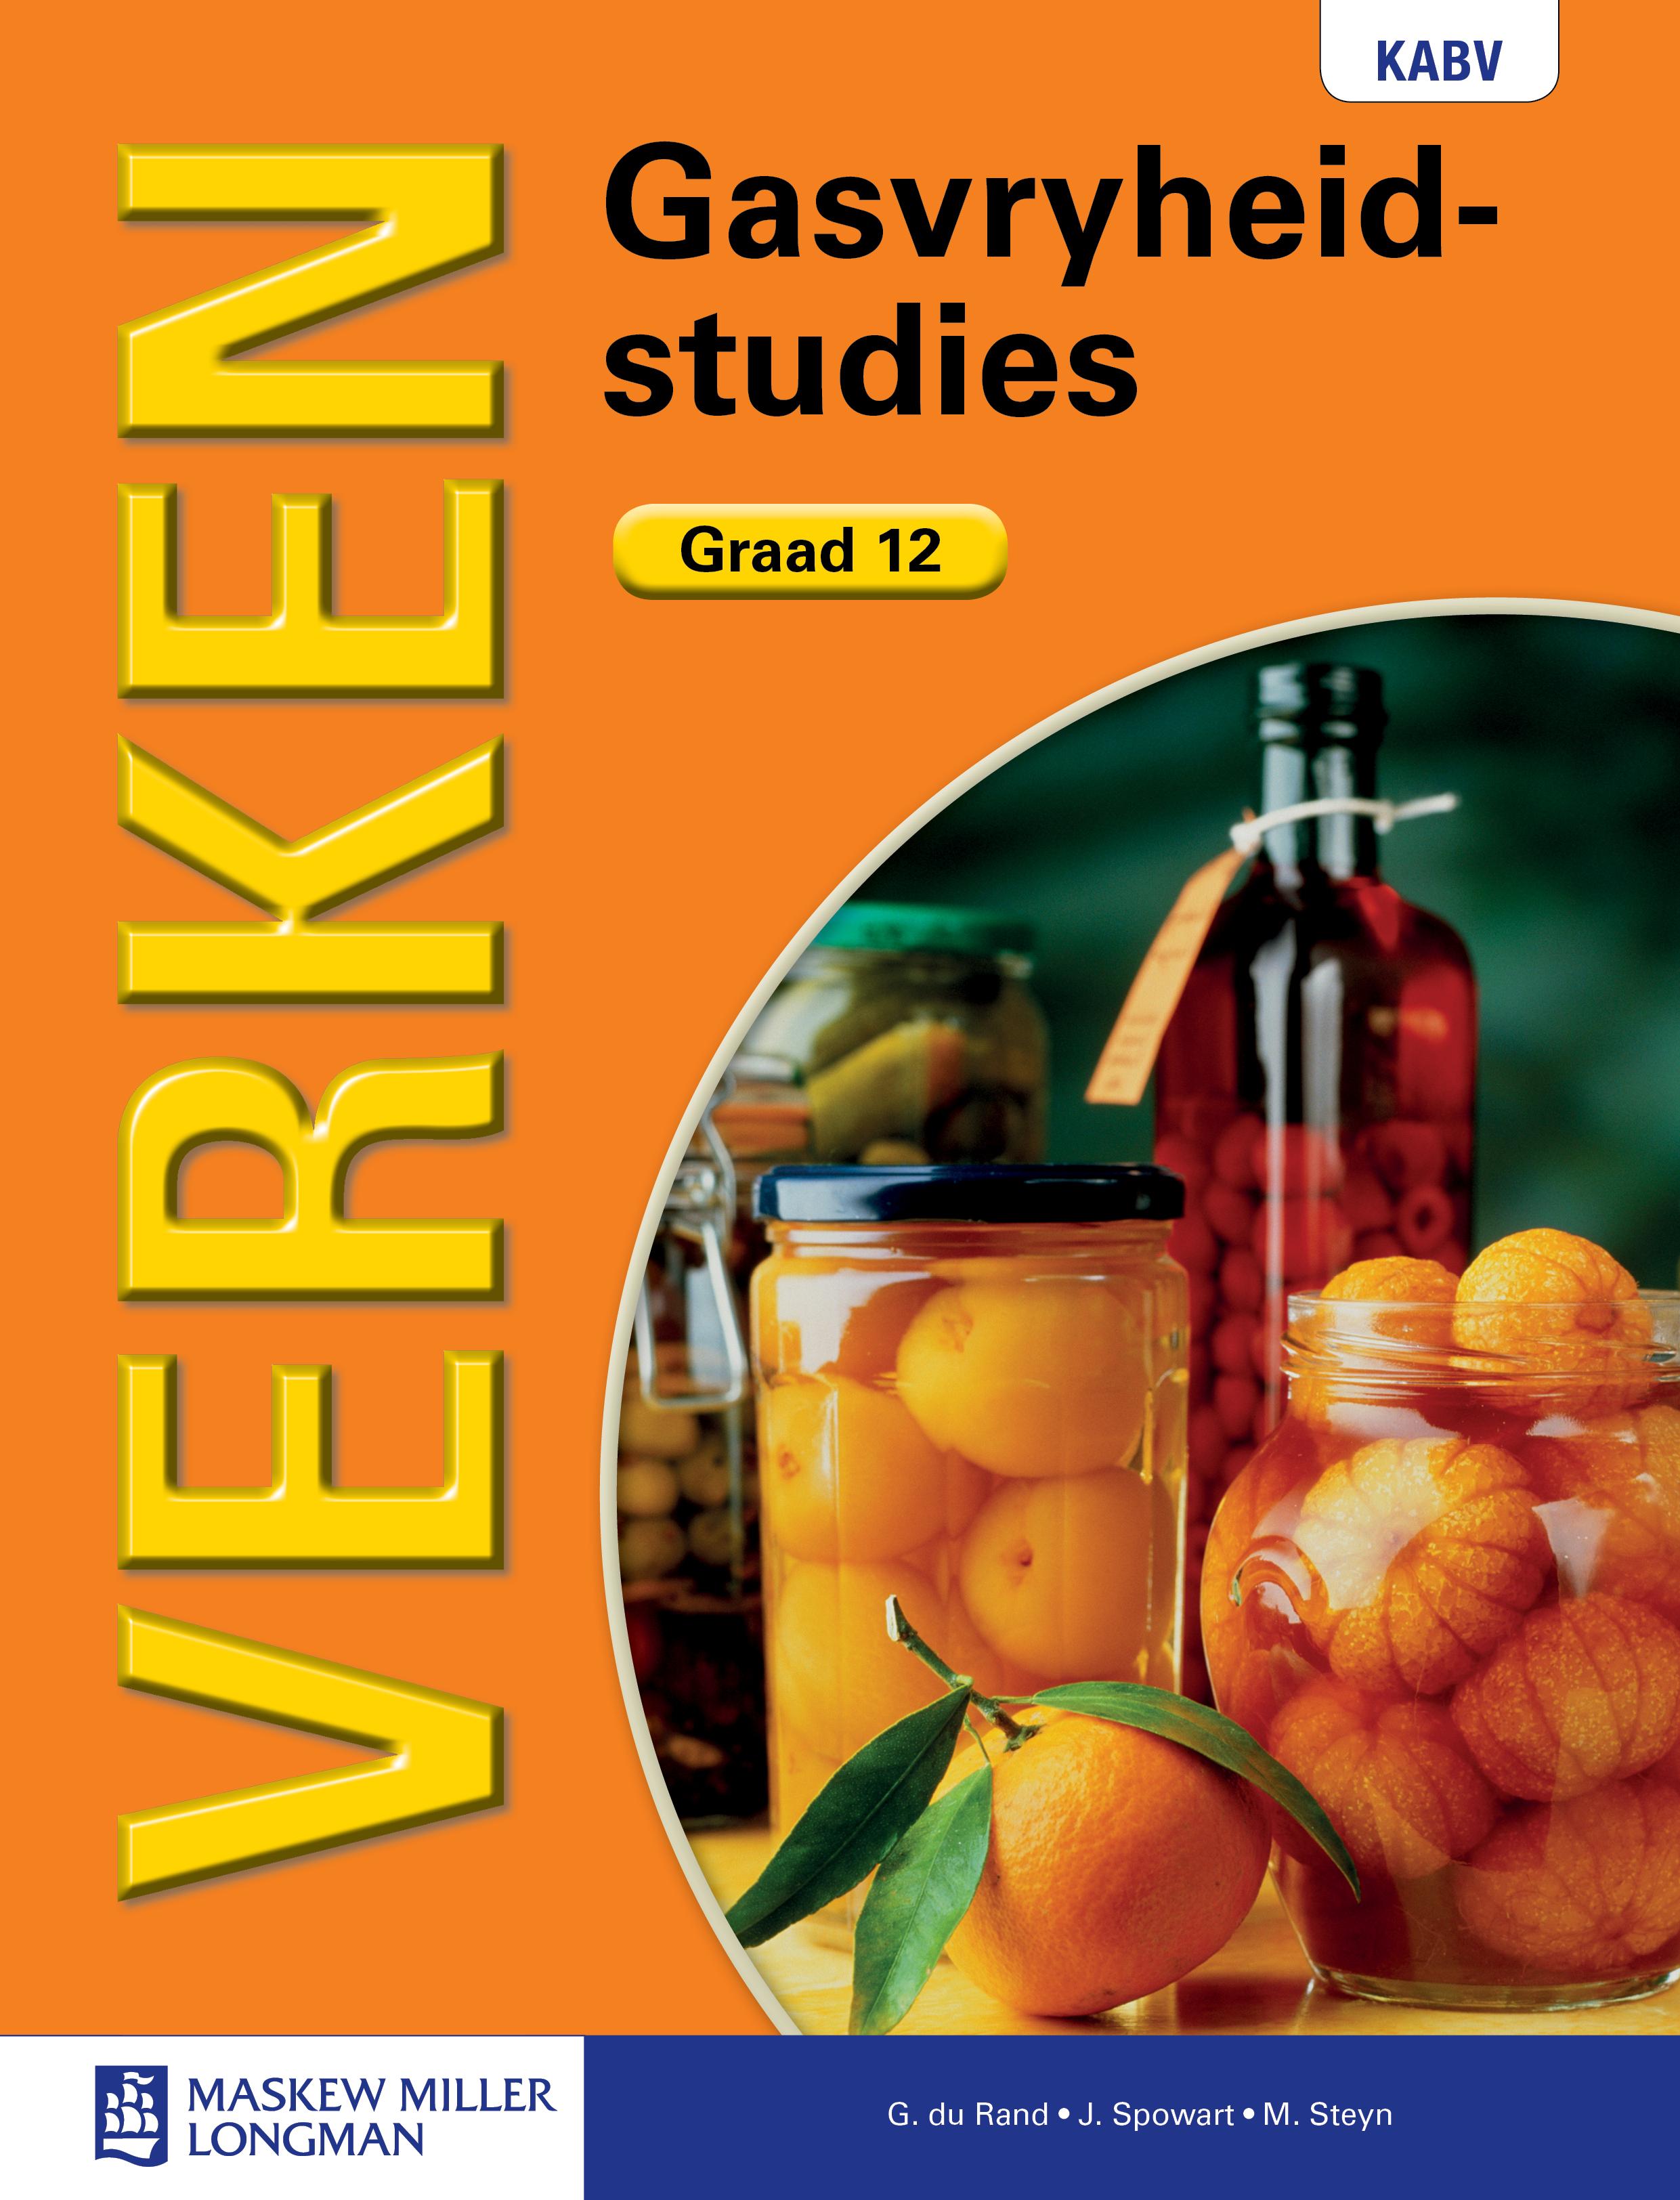 Picture of Verken gasvryheidstudies KABV: Gr 12: Leerdersboek